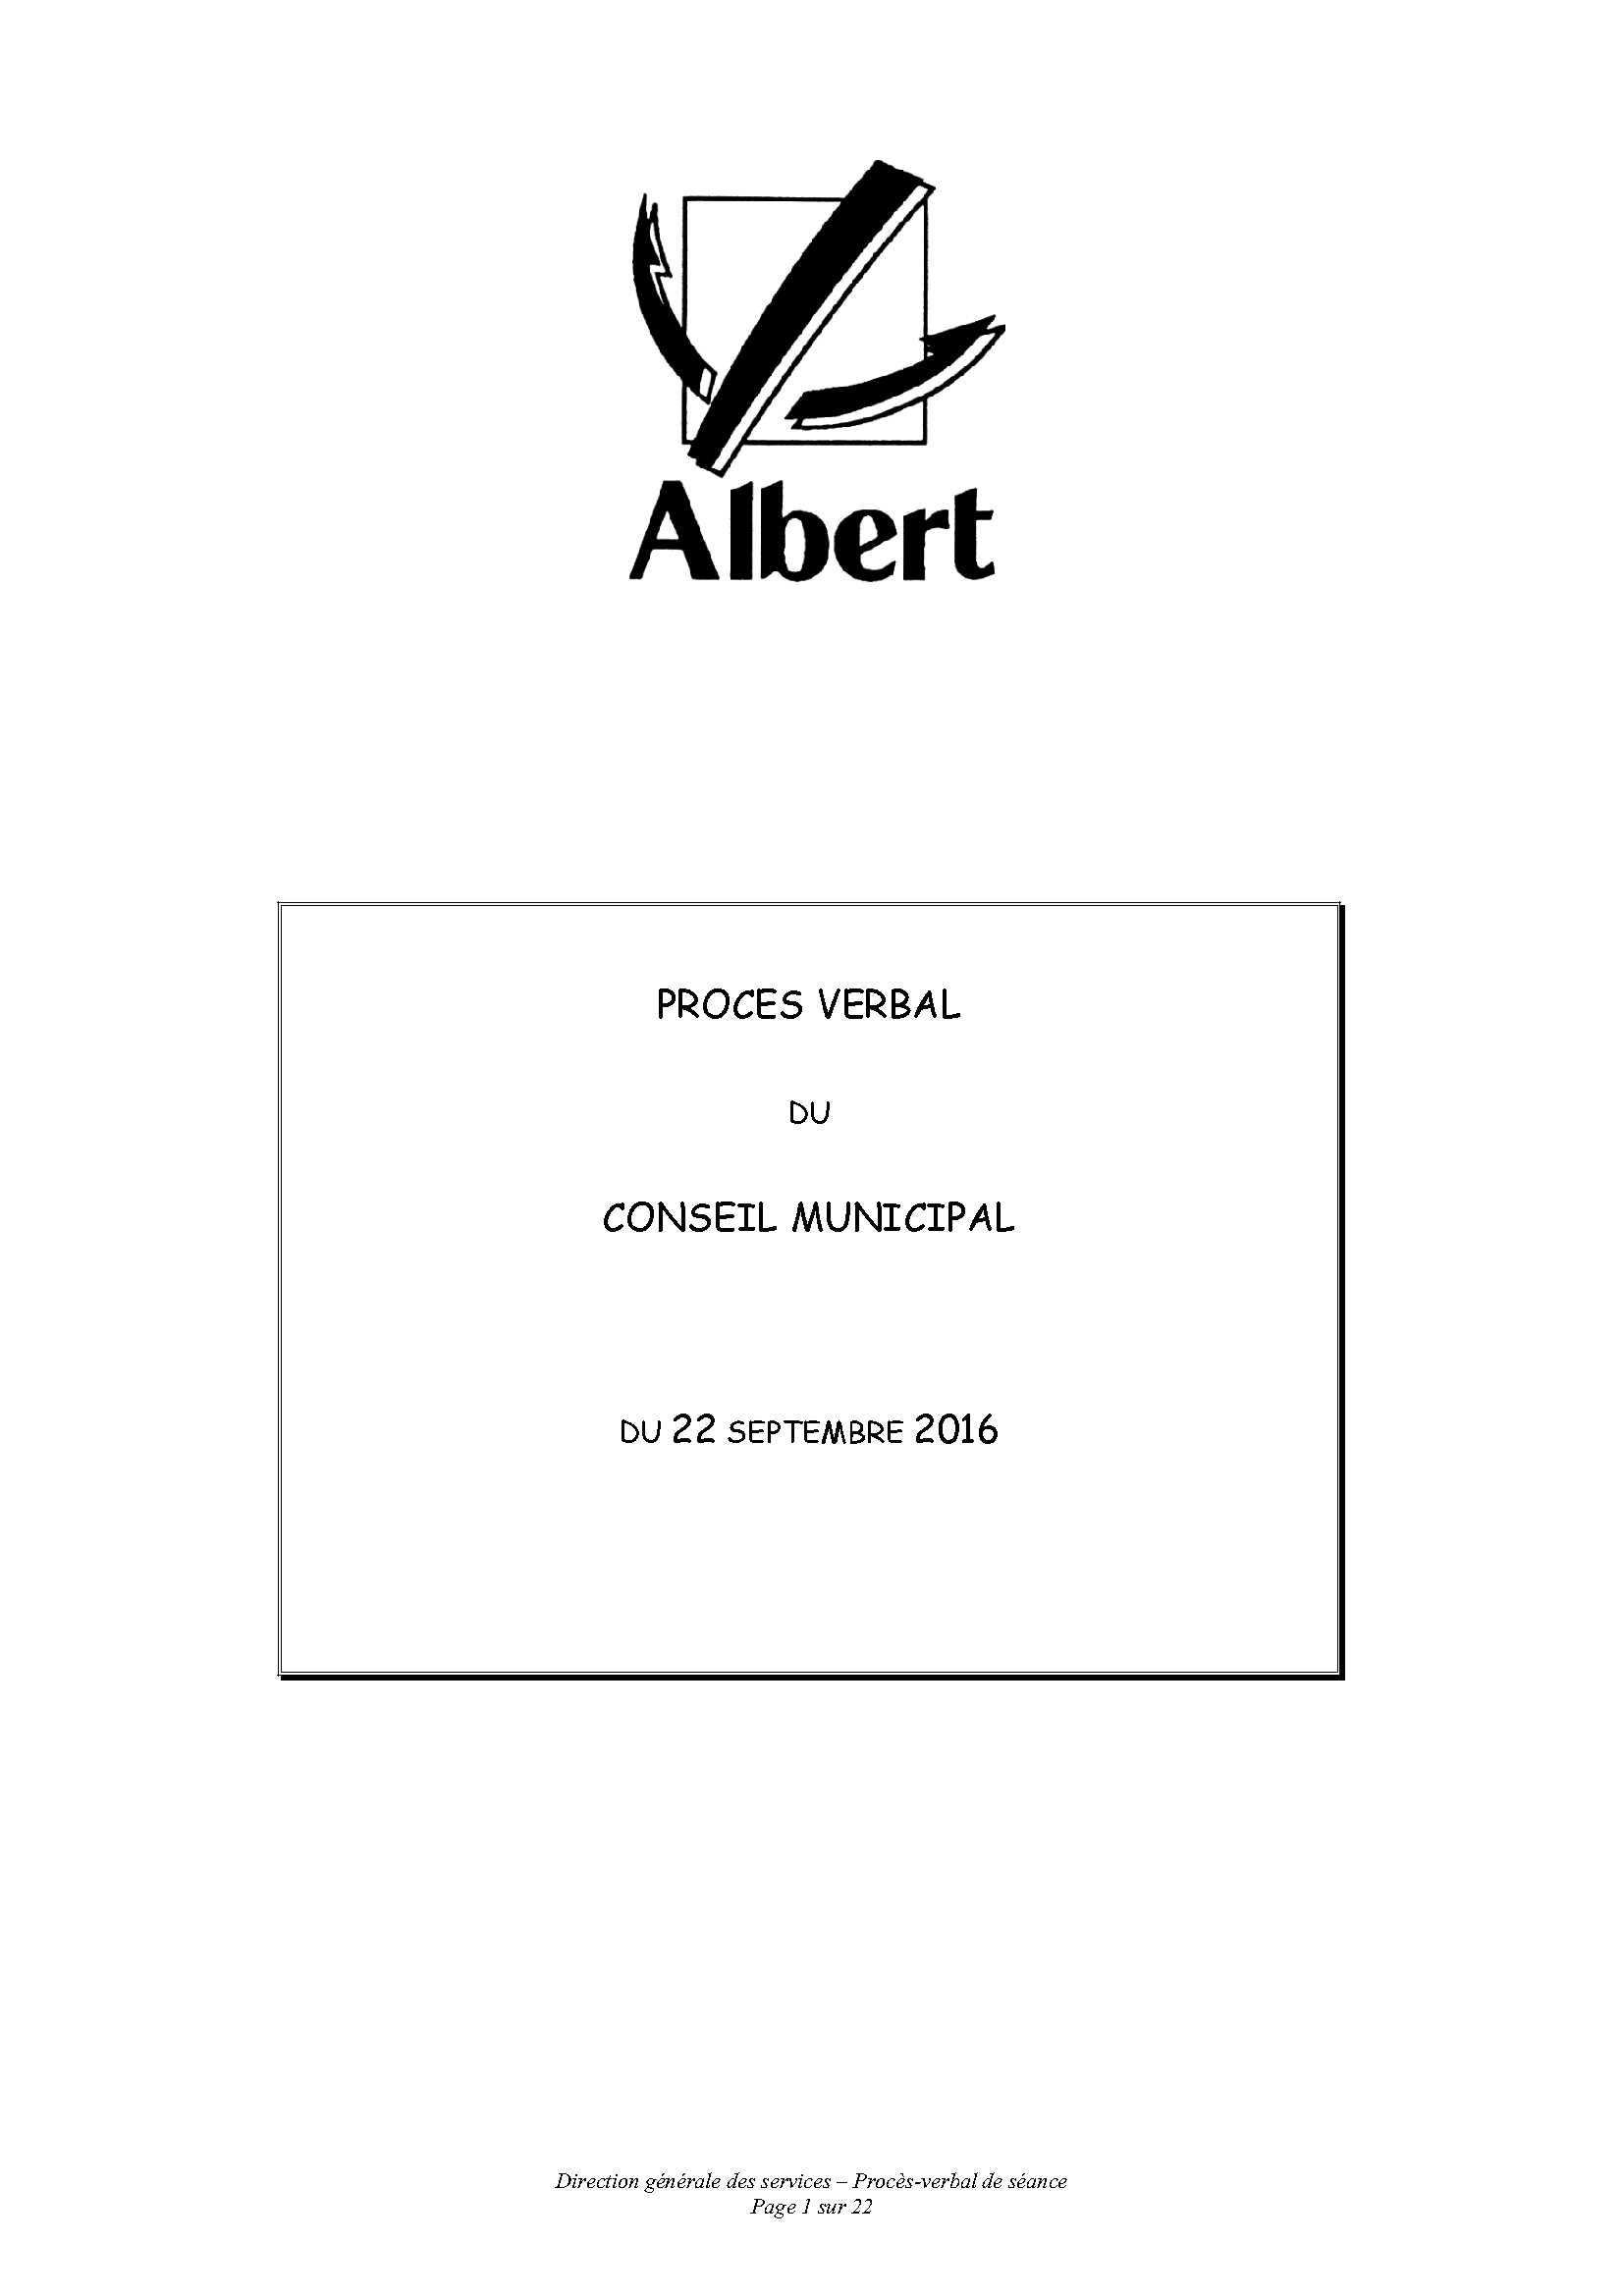 PROCES VERBAL DU CONSEIL MUNICIPAL DU 22 SEPTEMBRE 2016